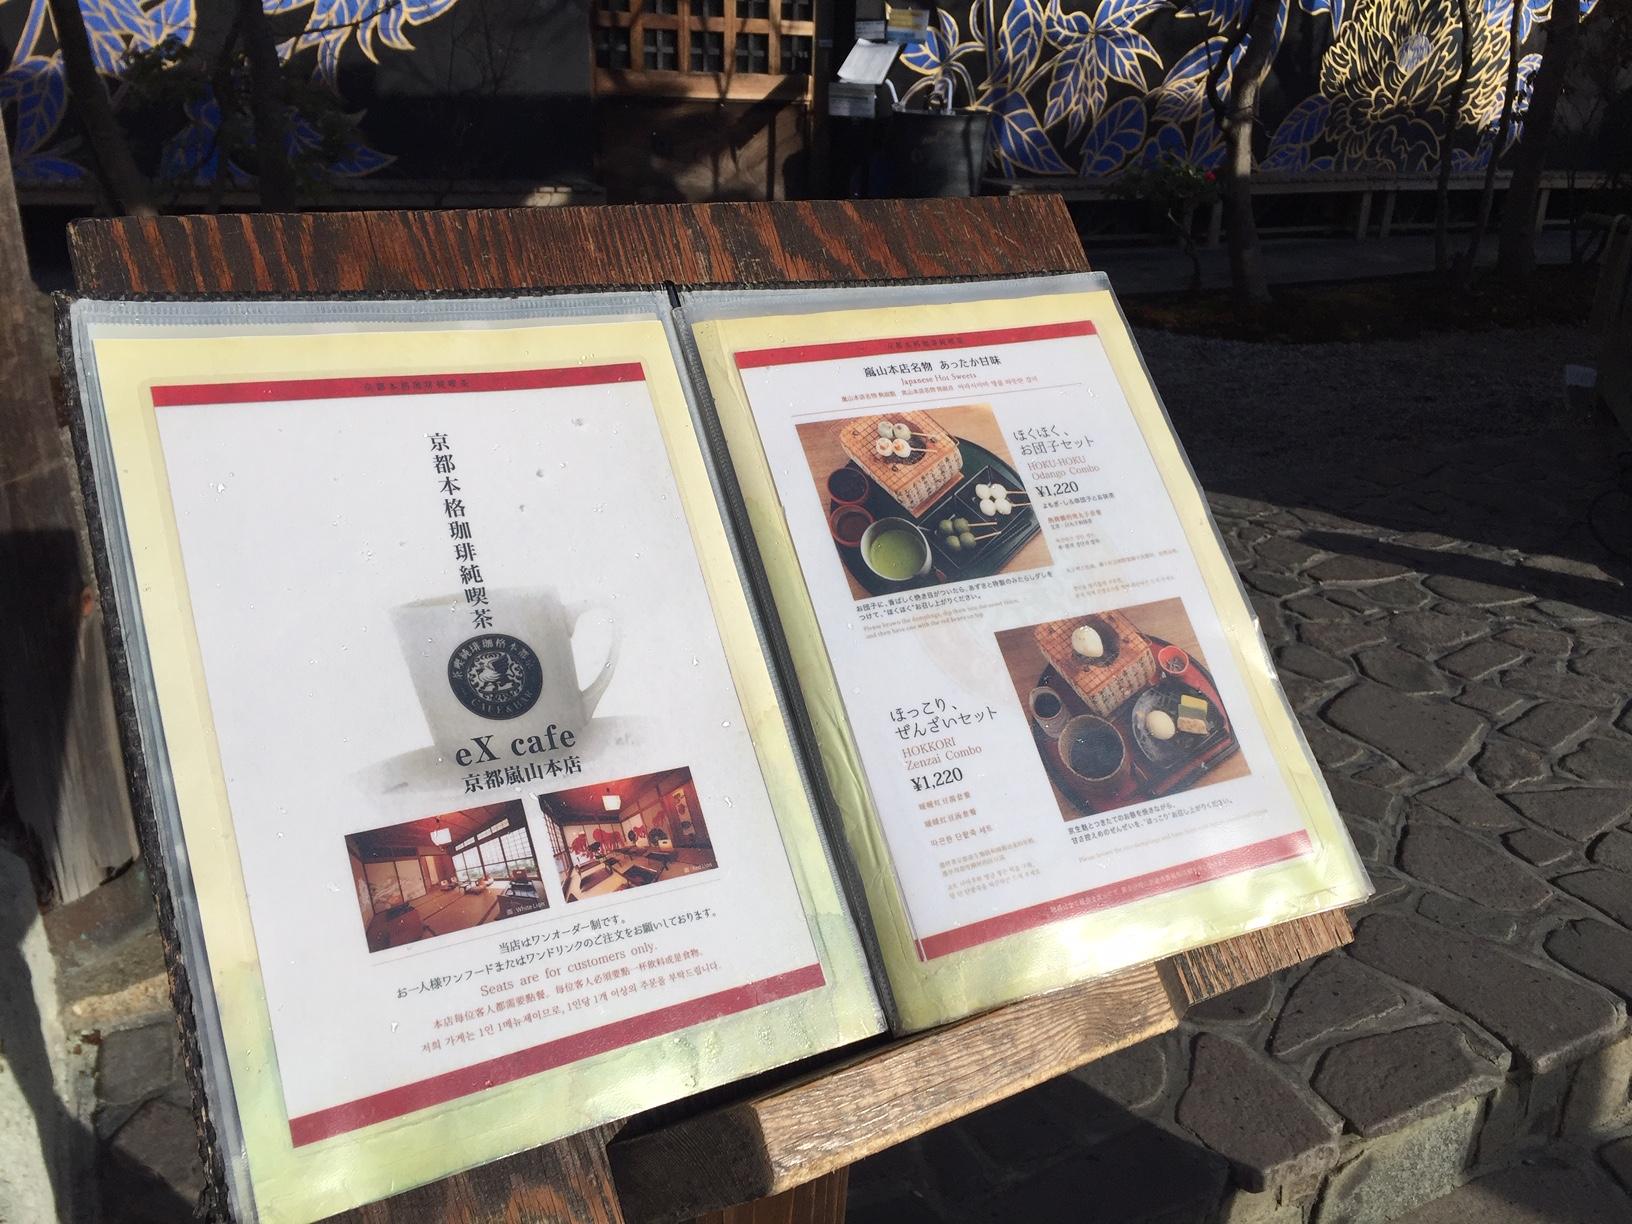 【京都女子旅】イクスカフェ 京都嵐山本店はフォトジェニックなスイーツだらけ♡_2